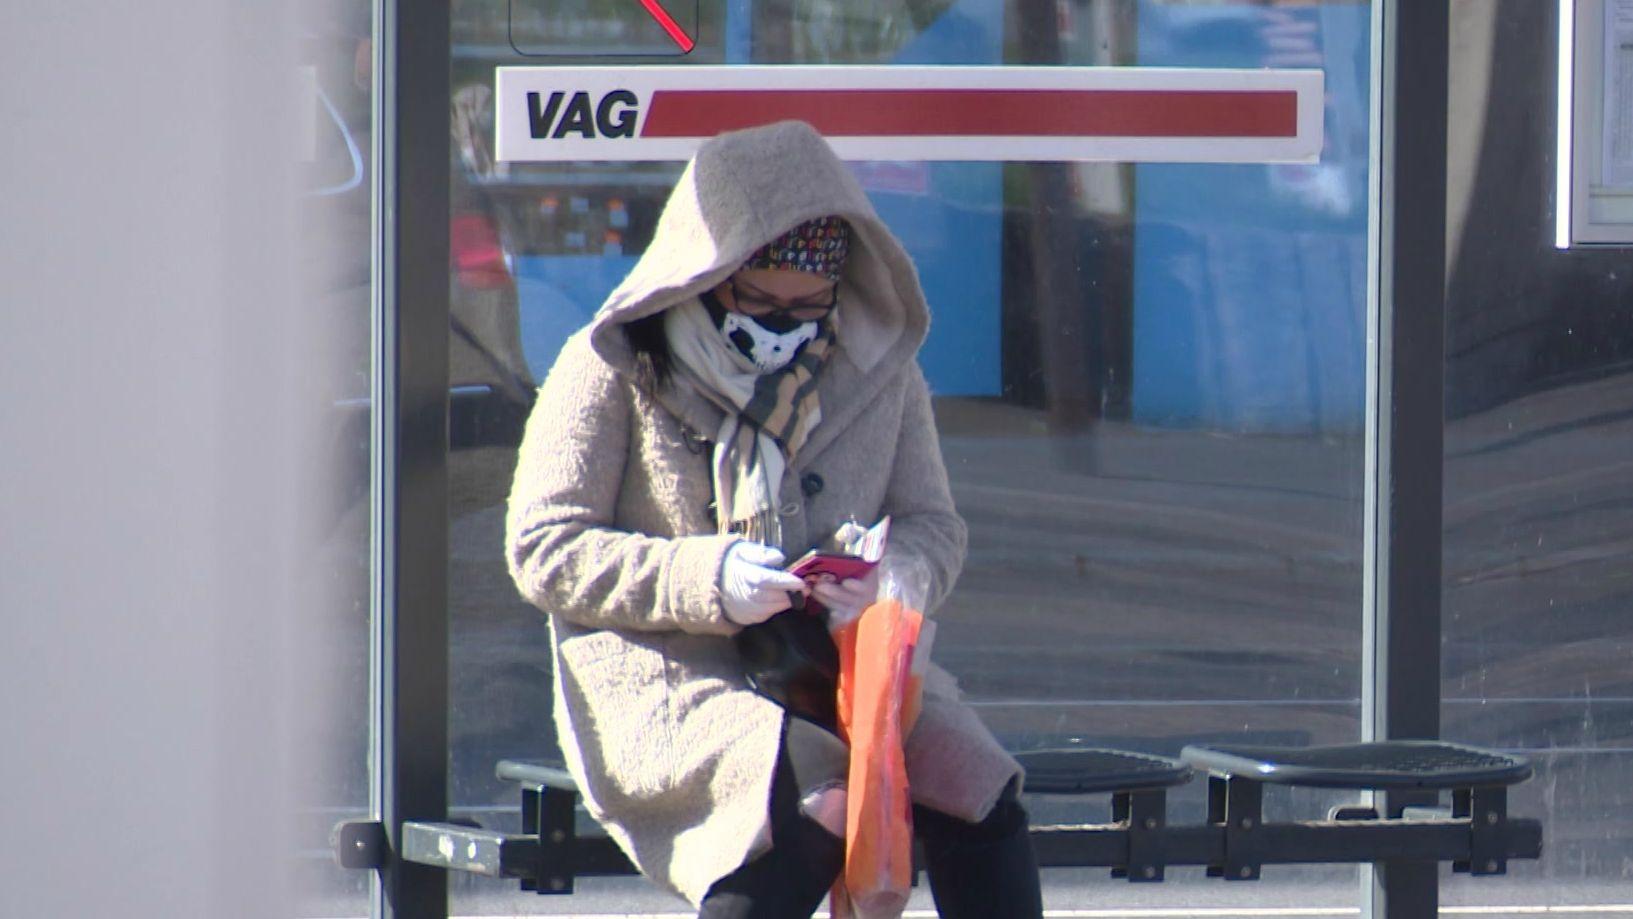 Frau mit Schutzmaske und Handschuhen wartet an Bushaltestelle der VAG in Nürnberg.